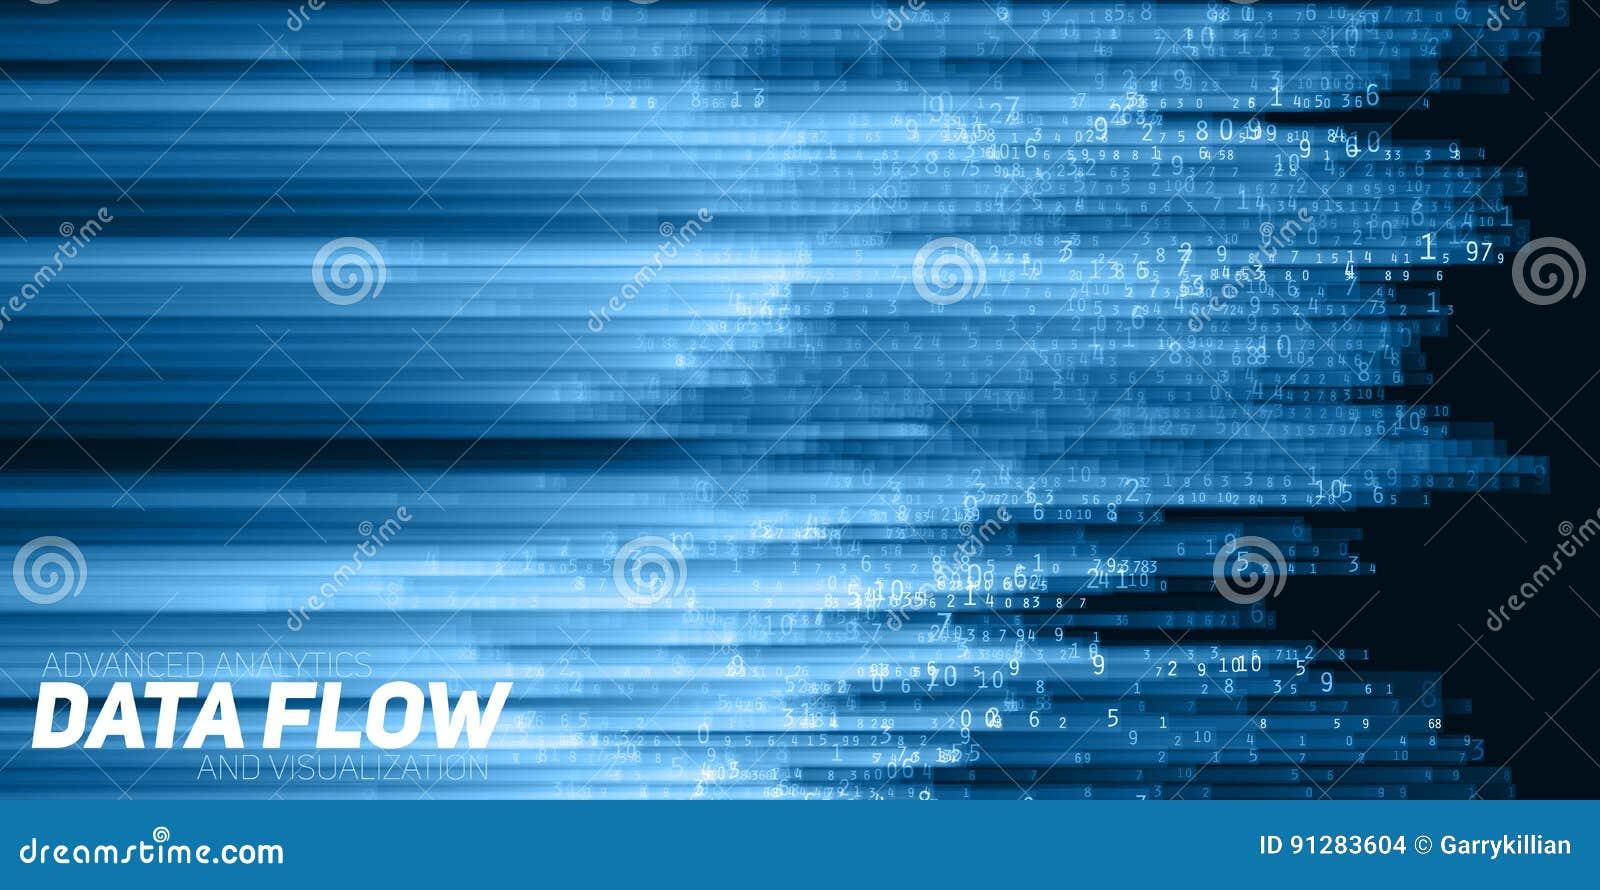 传染媒介抽象大数据形象化 数据蓝色流程当数字串 信息代码表示法